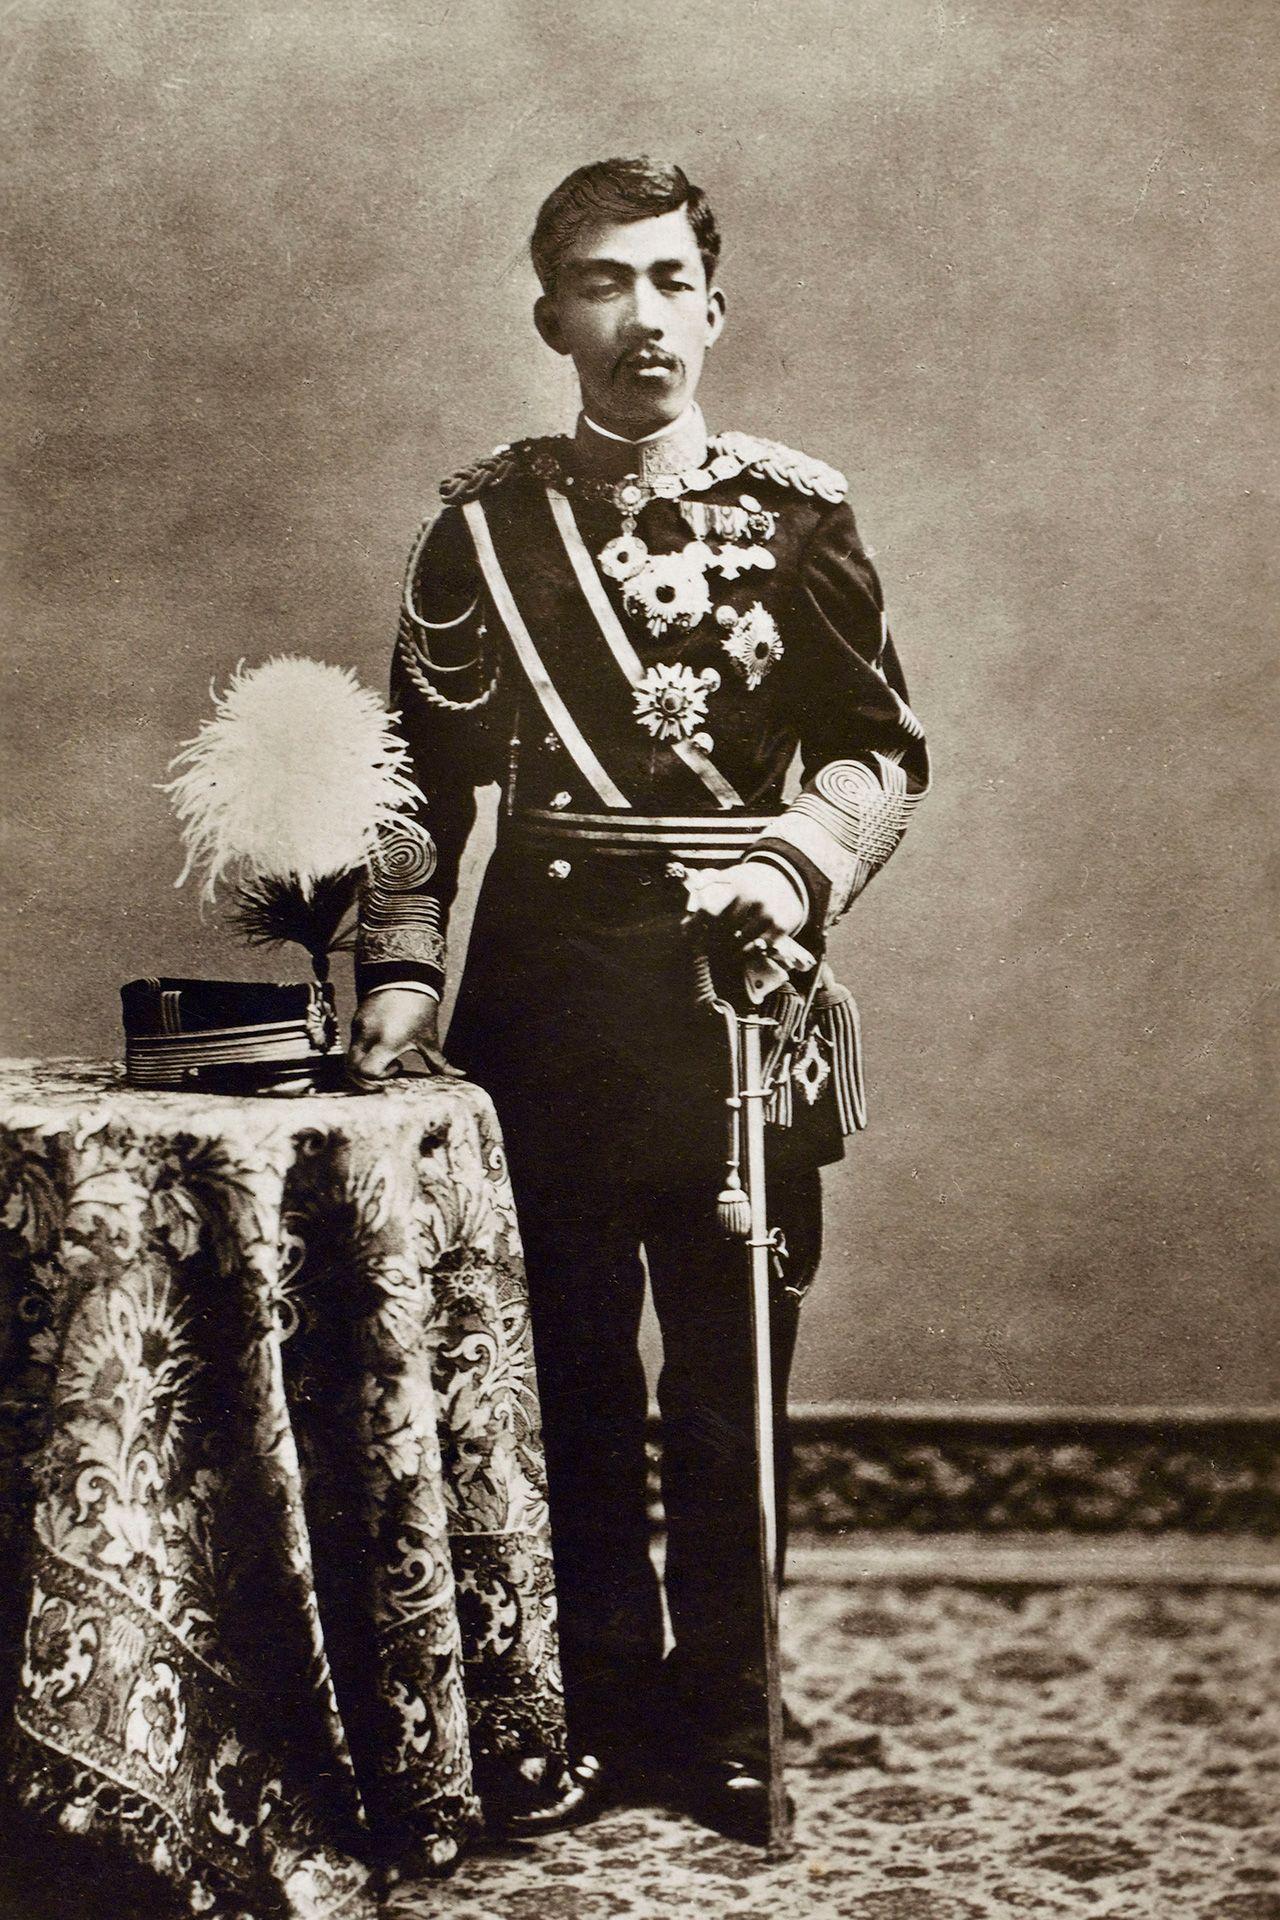 14歳の少年昭和天皇も参列した大正の即位礼 | nippon.com